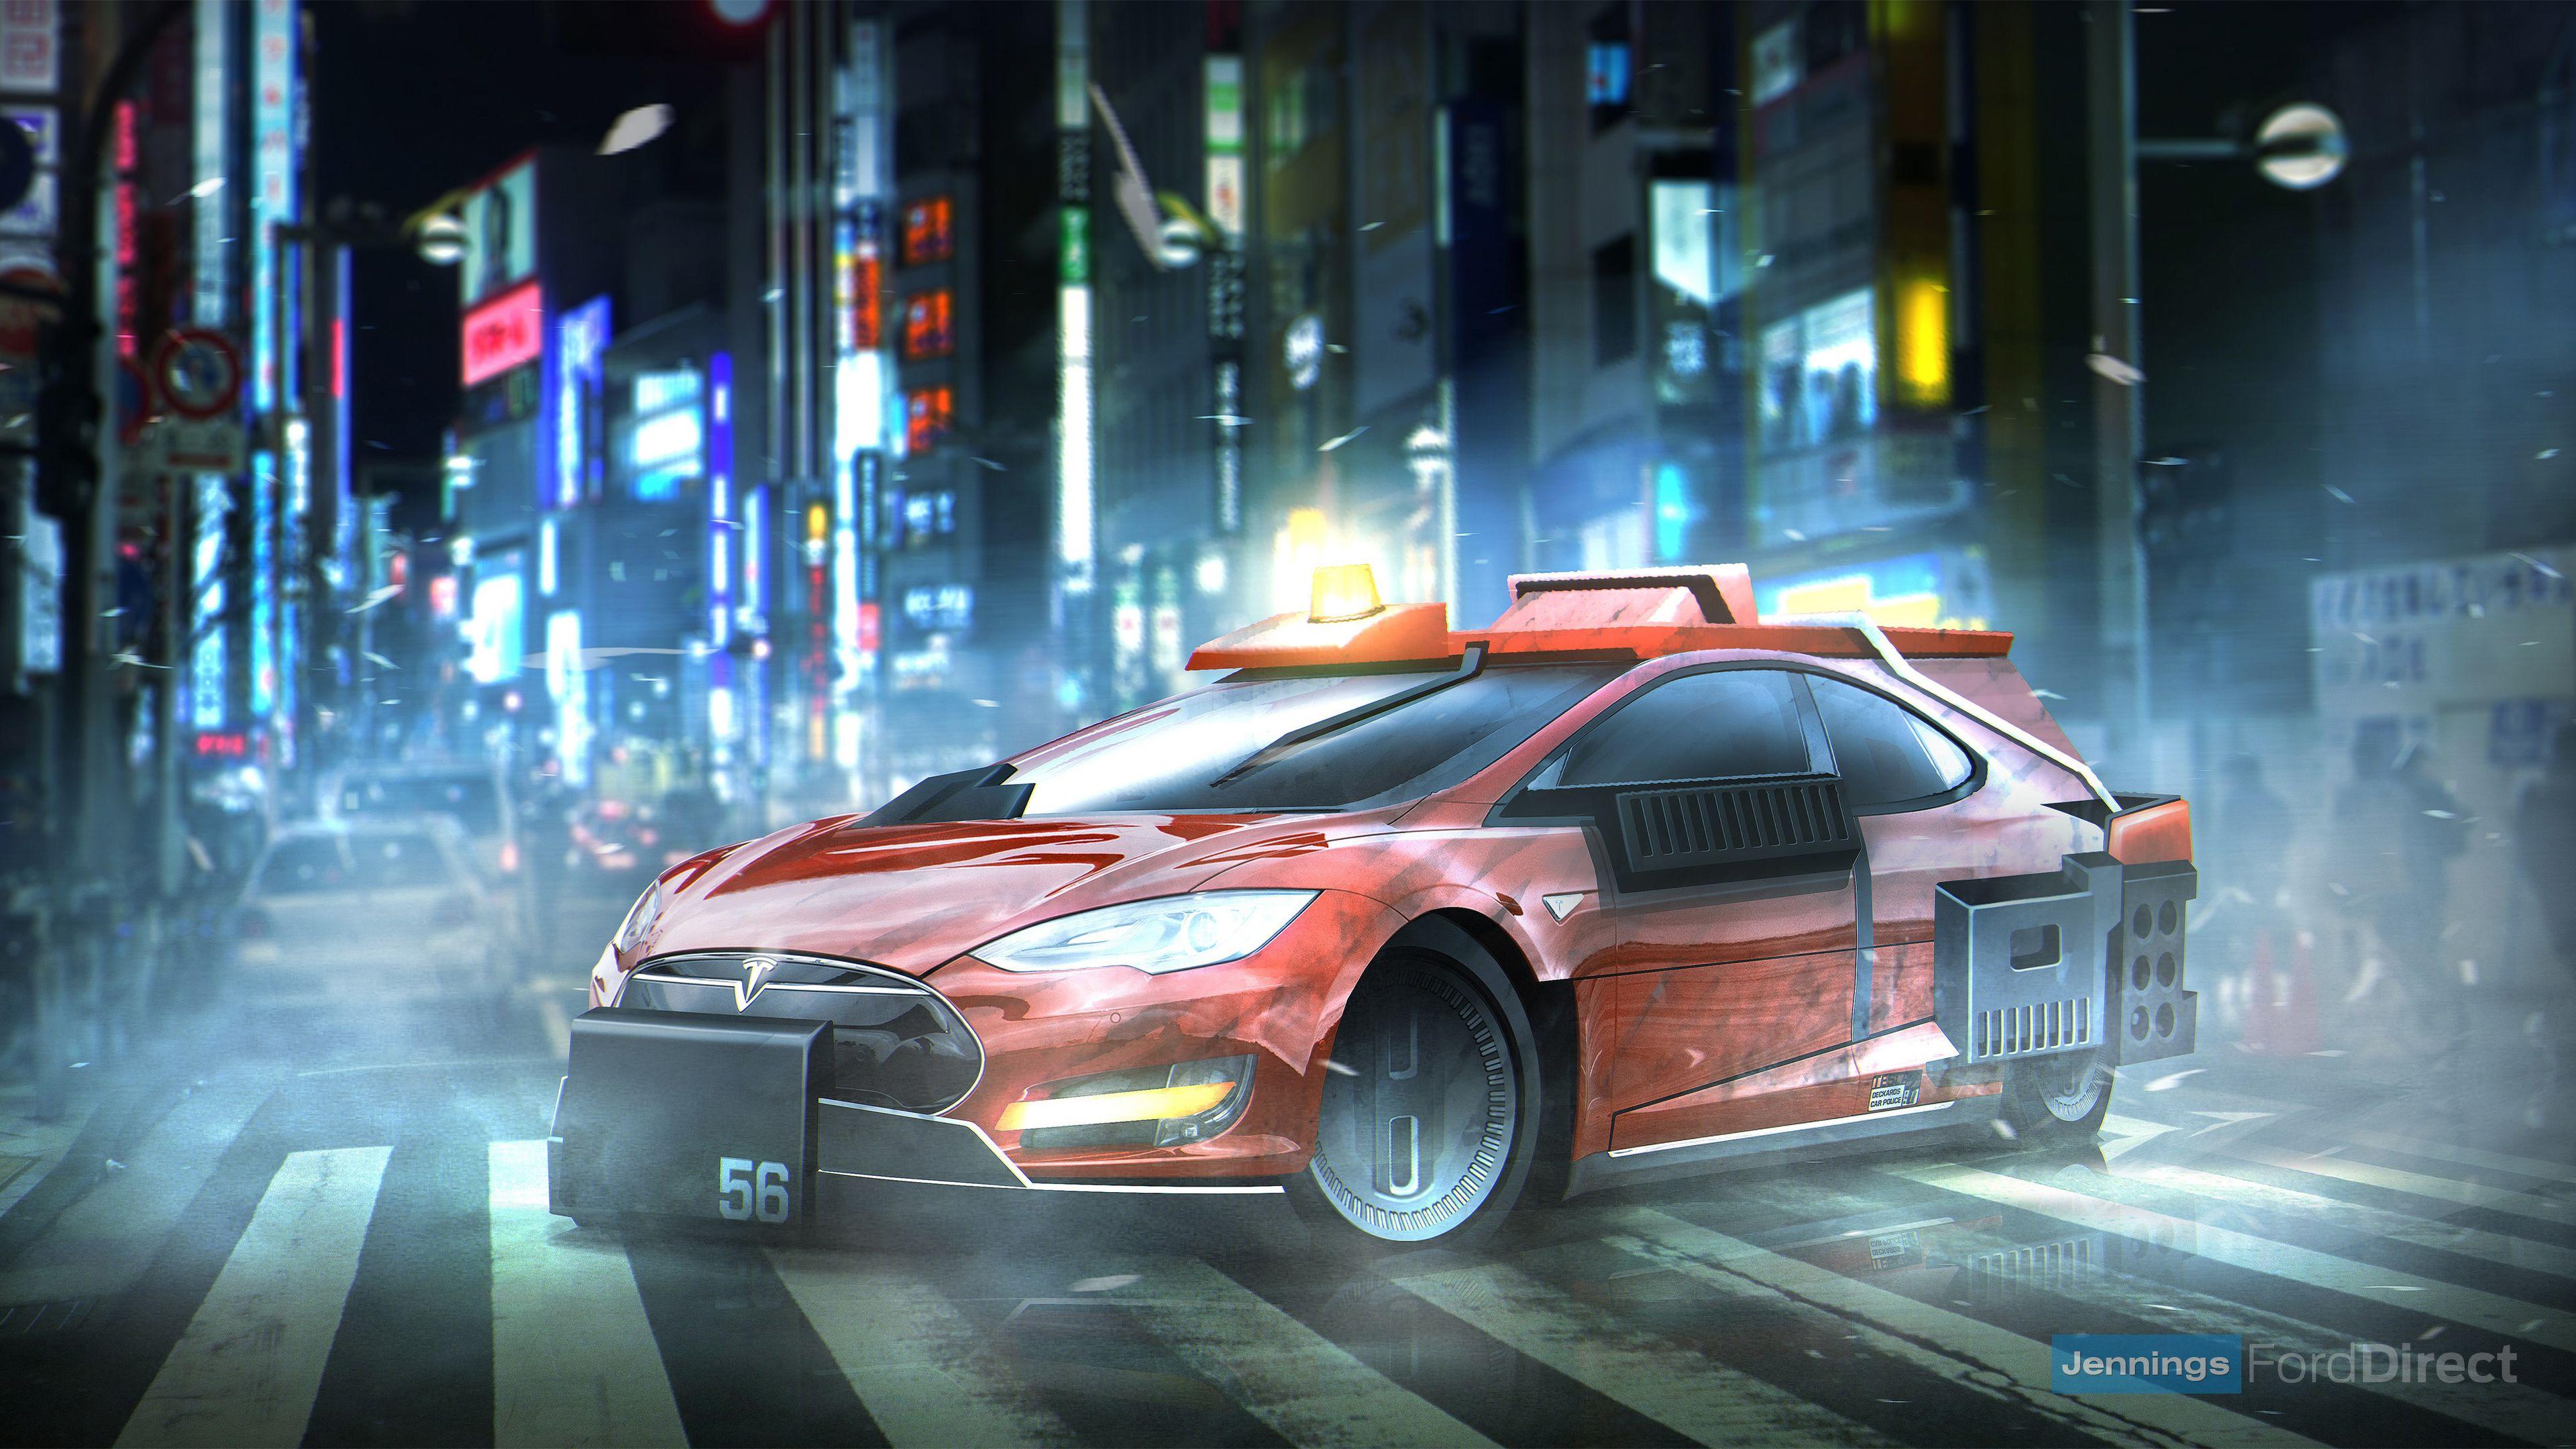 Wallpaper 4k Blade Runner Deckards Sedan Tesla Model S